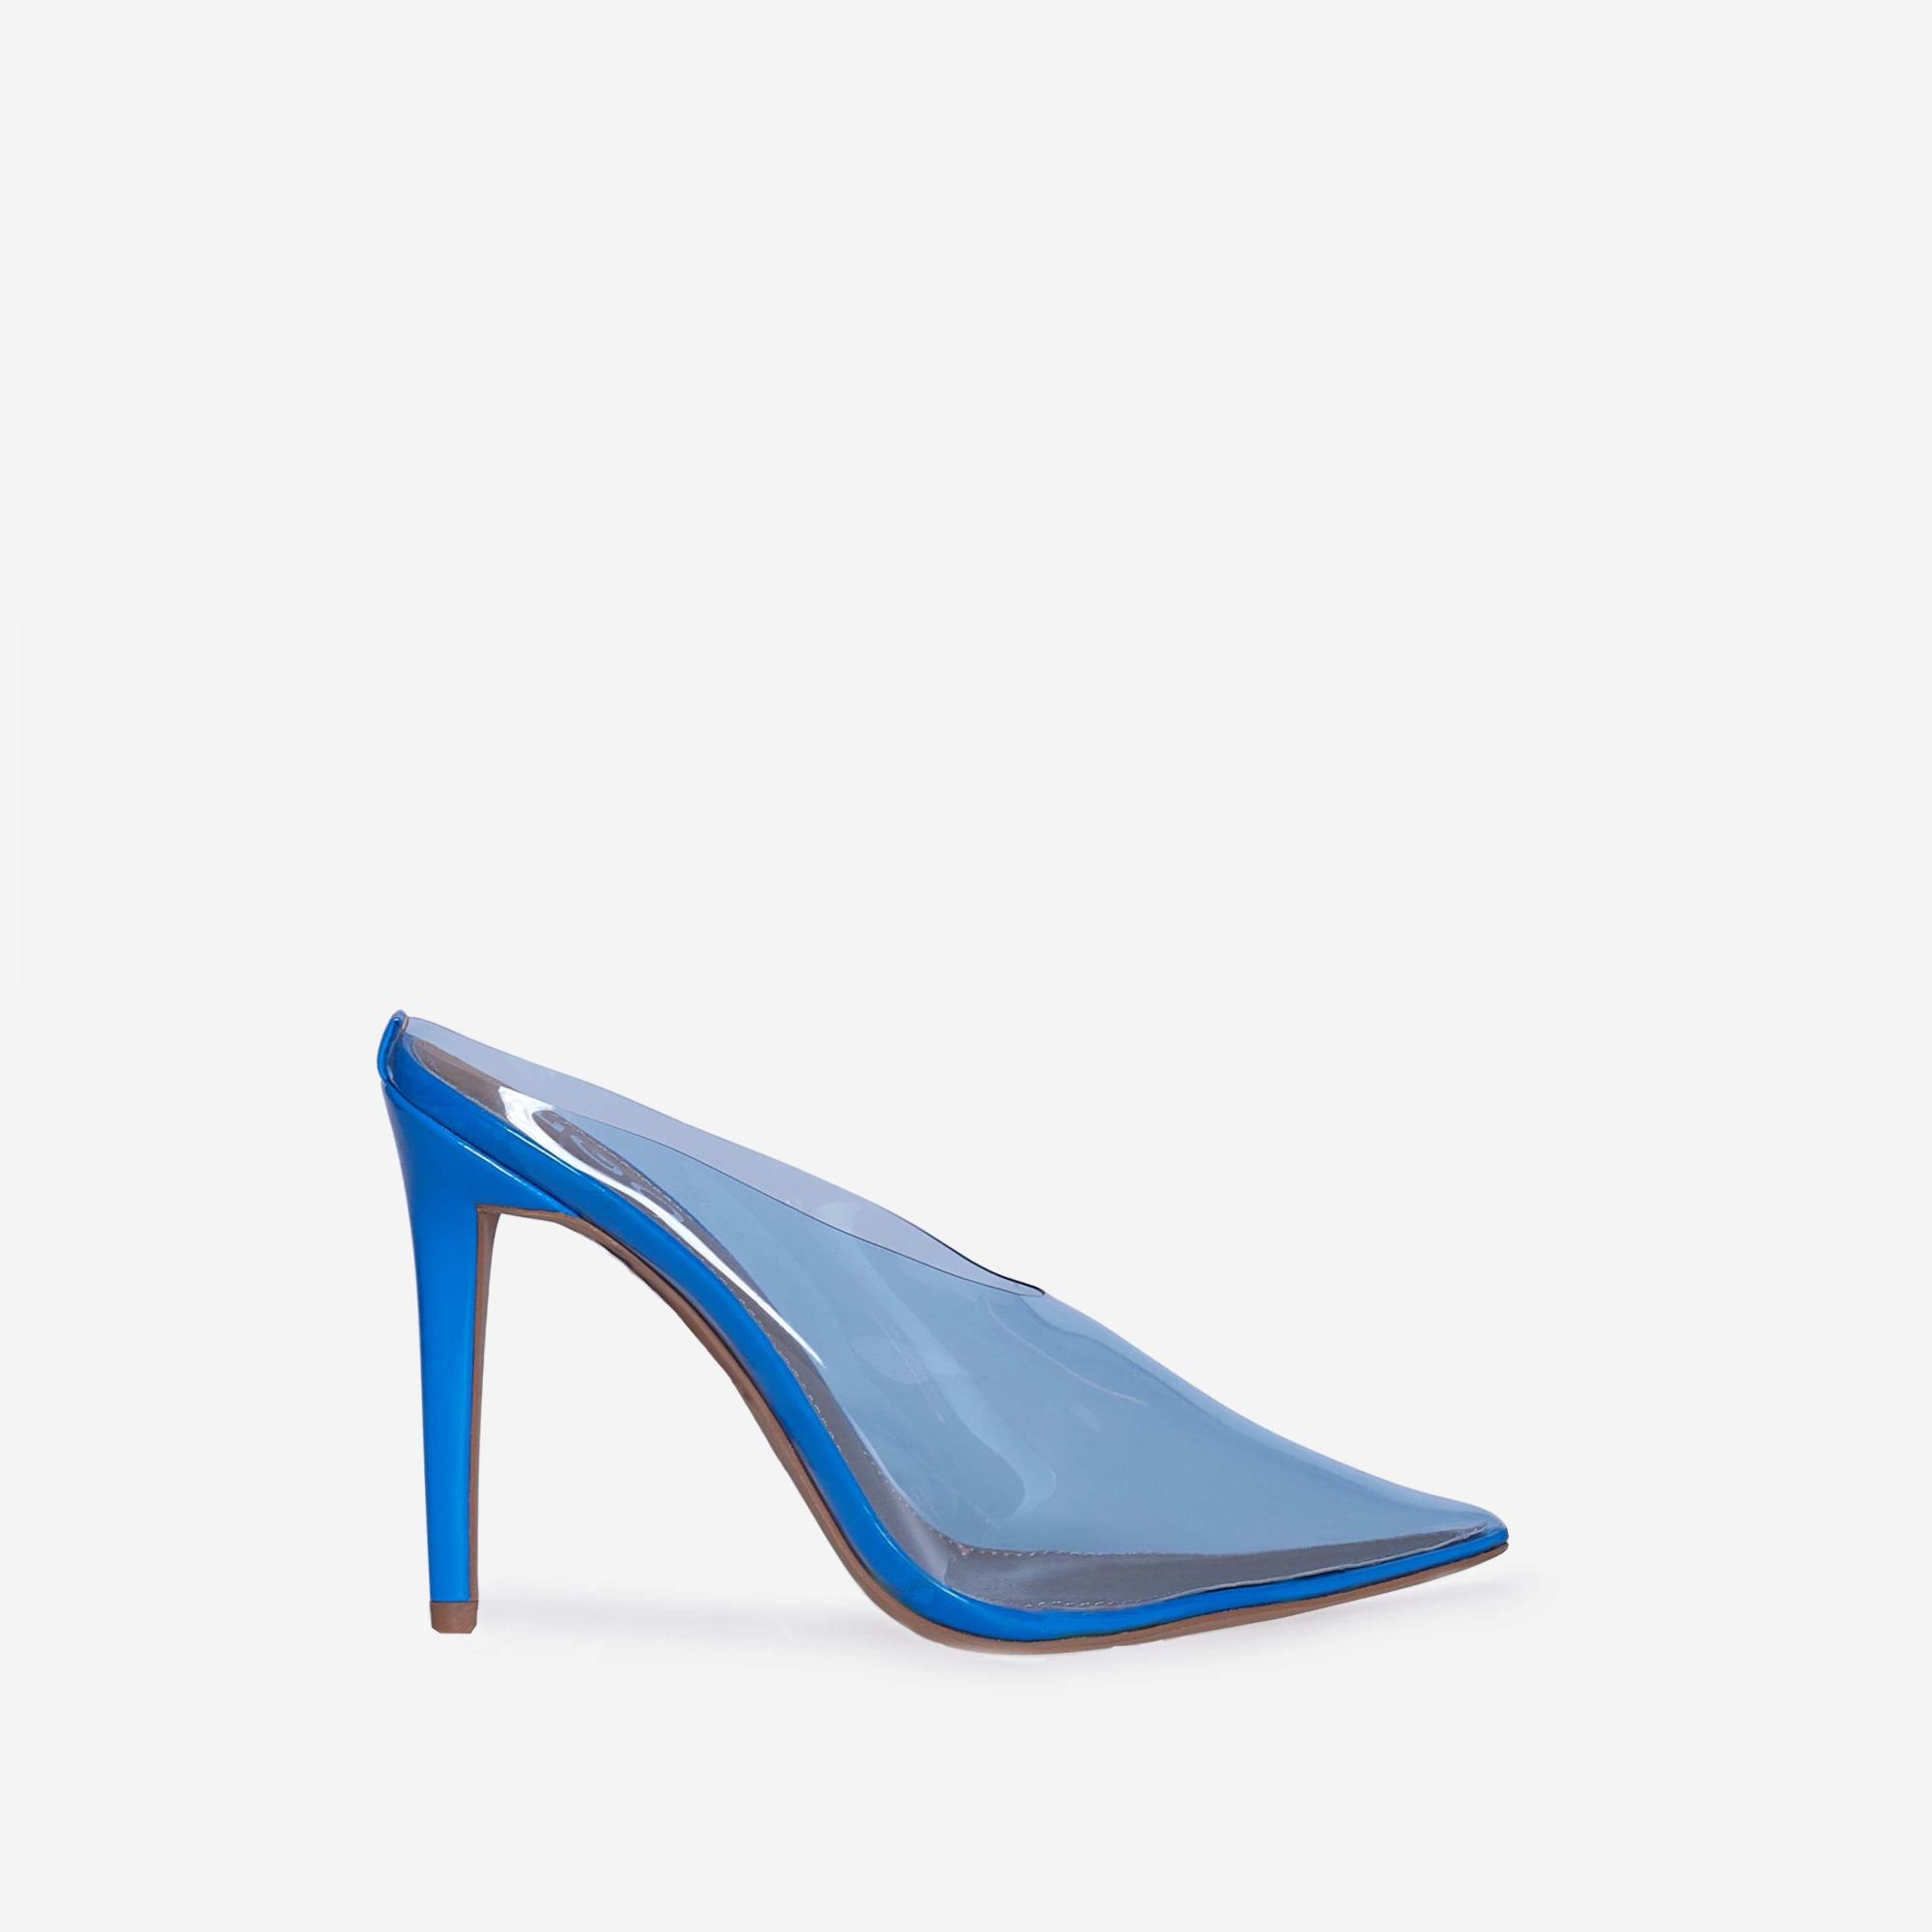 Raquel Closed Toe Perspex Mule Heel In Blue Patent